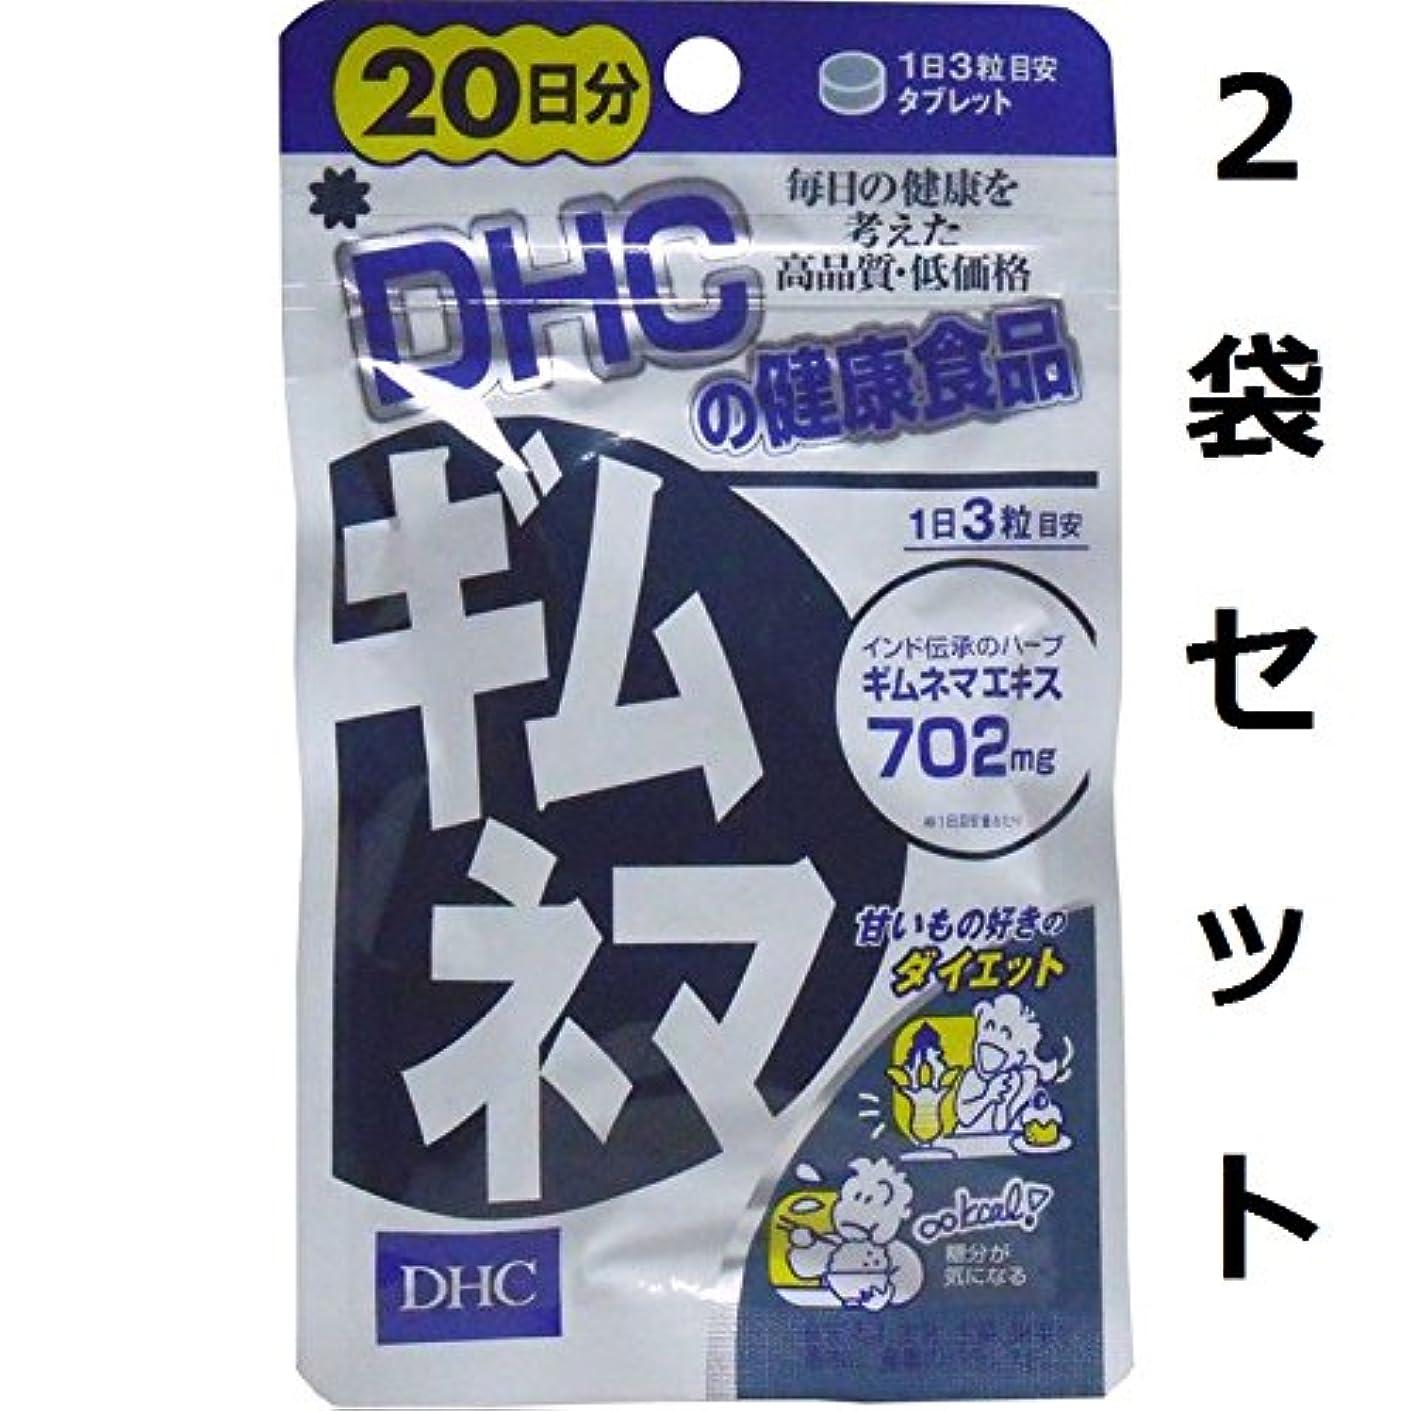 形容詞クルーズホップ我慢せずに余分な糖分をブロック DHC ギムネマ 20日分 60粒 2袋セット